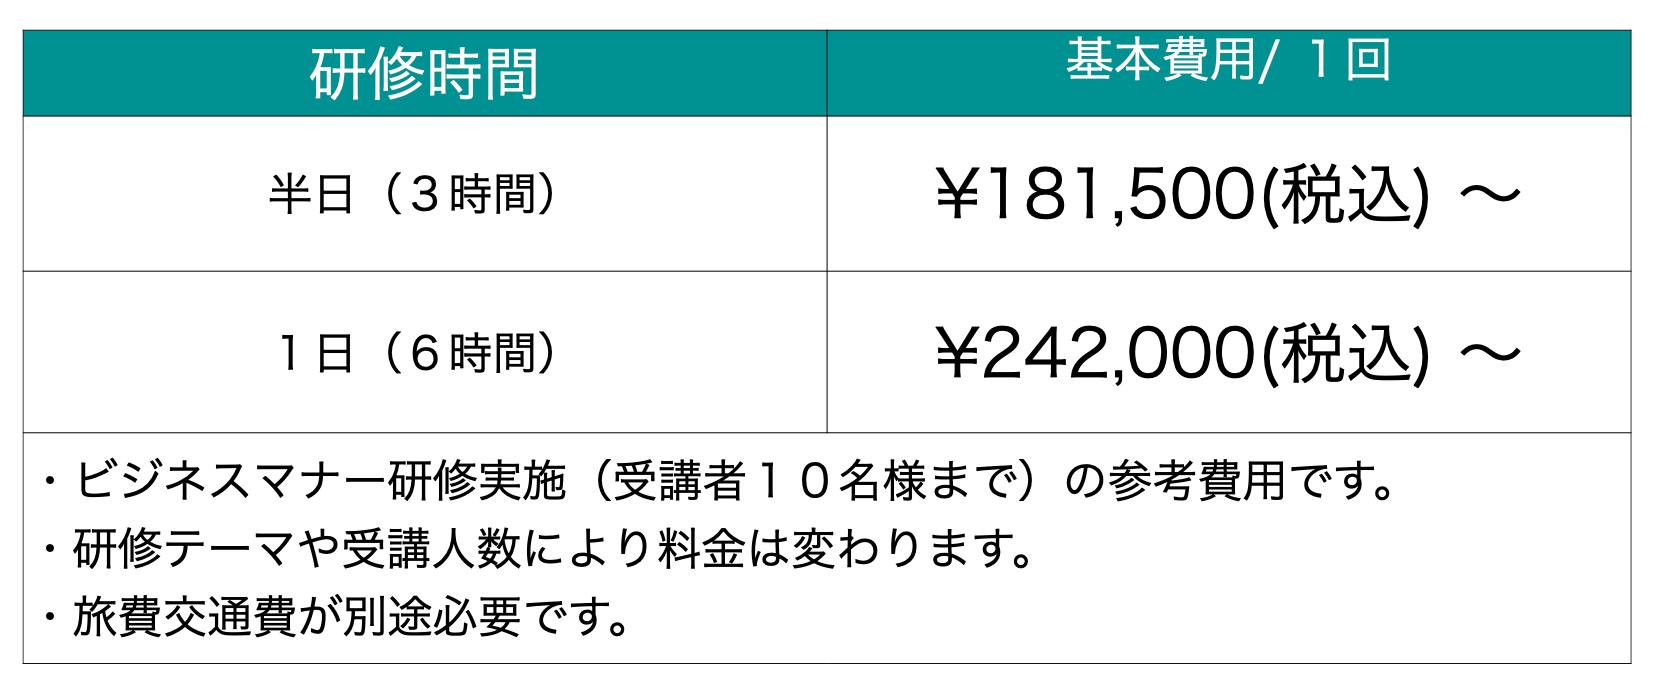 研修価格表